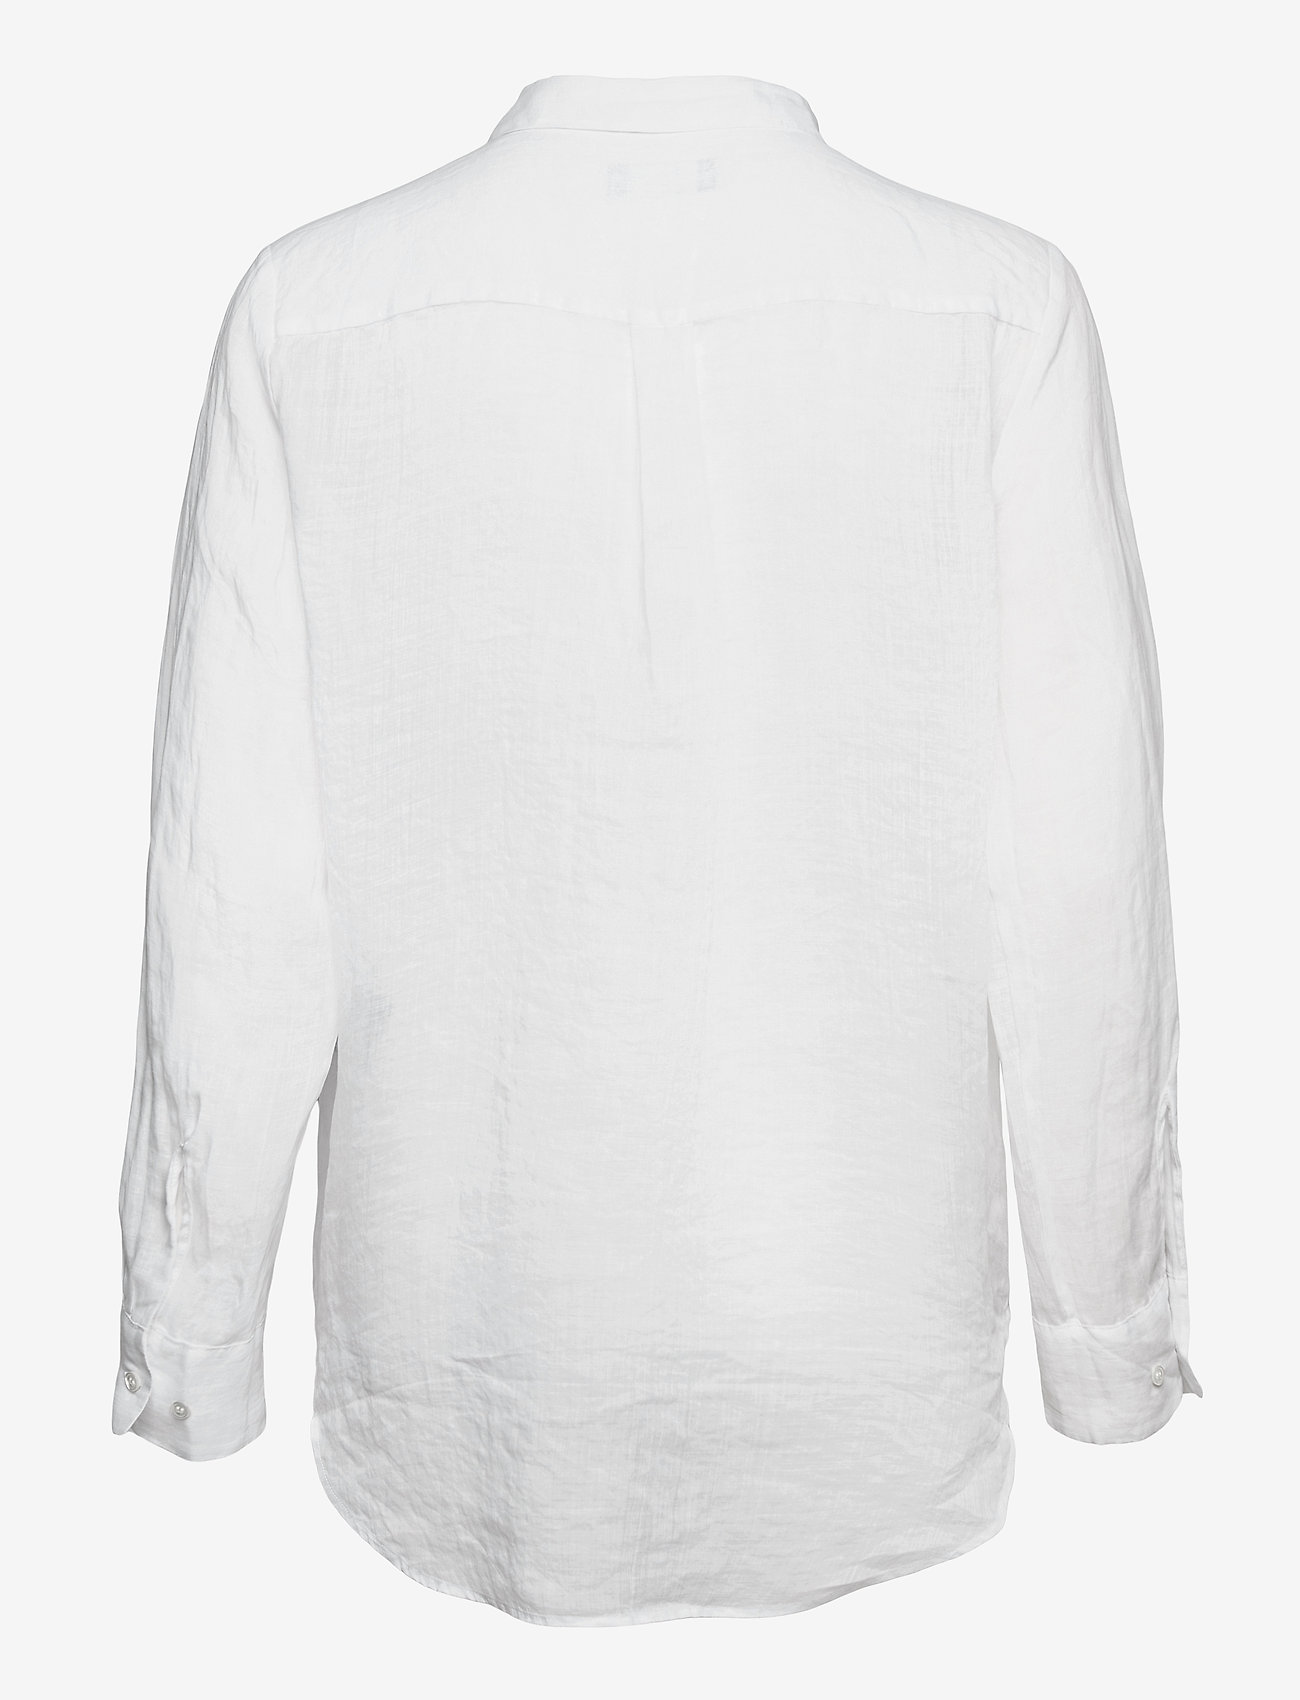 SAND - 8851 - Nami - overhemden met lange mouwen - optical white - 1